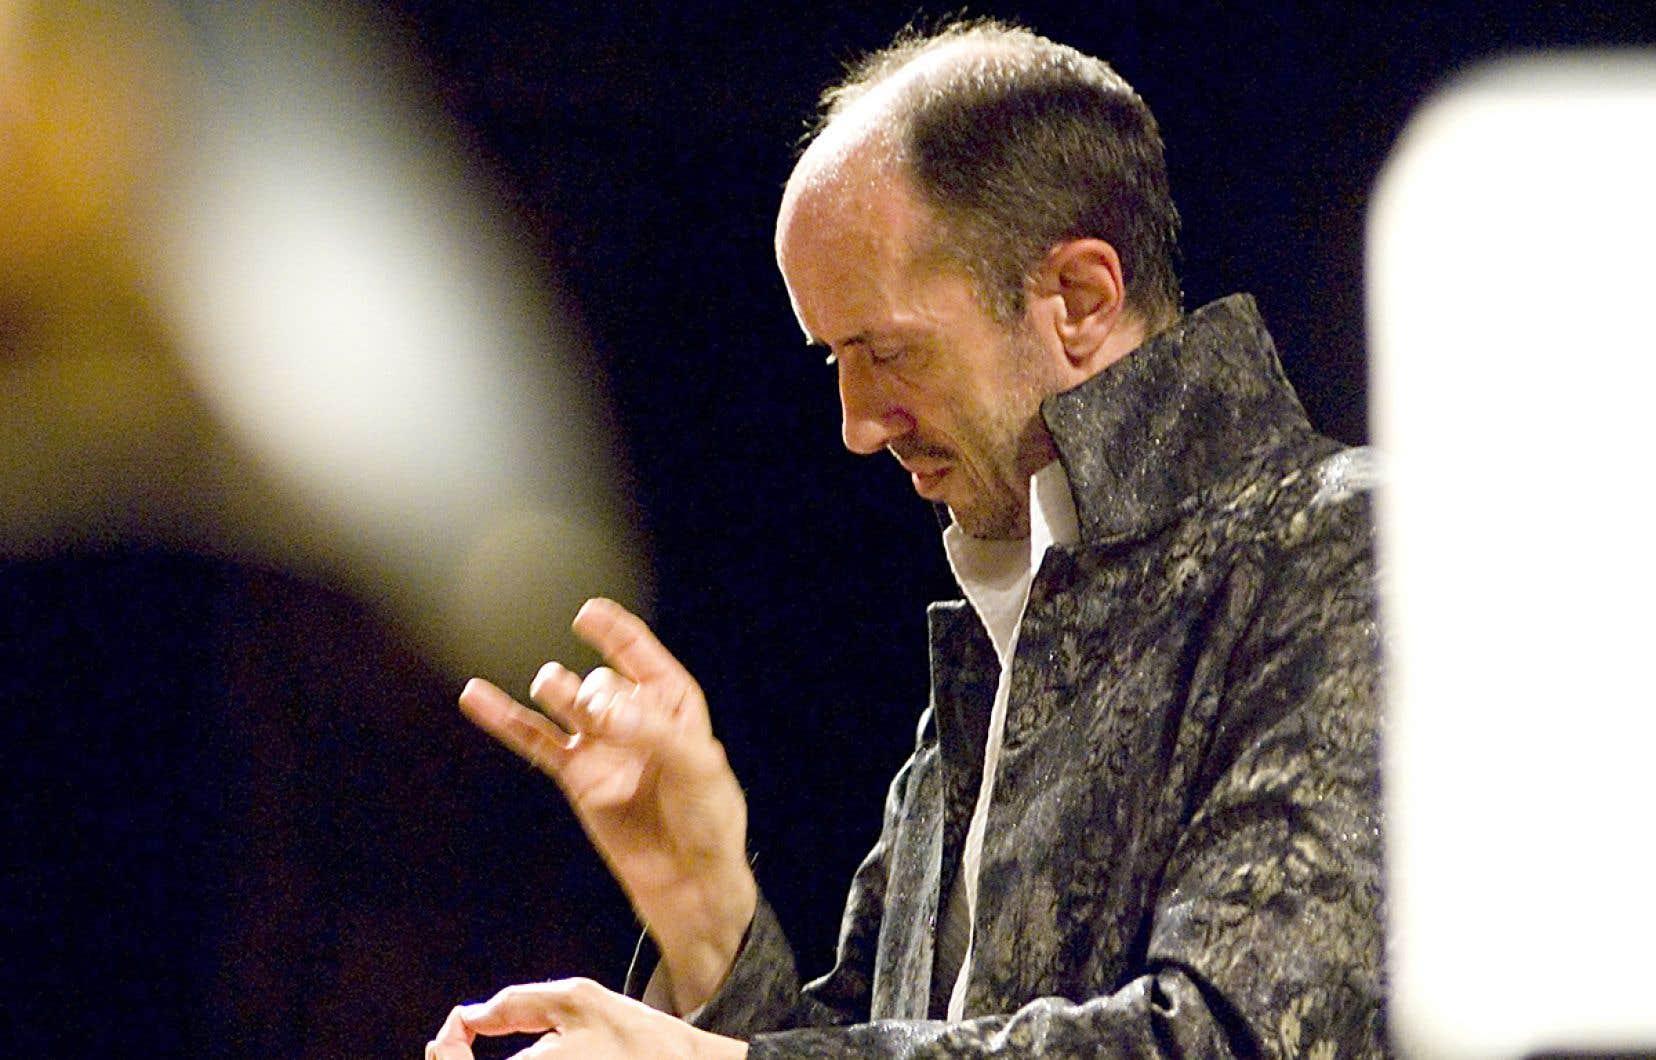 Hervé Niquet empoigne la musique comme peu de chefs.